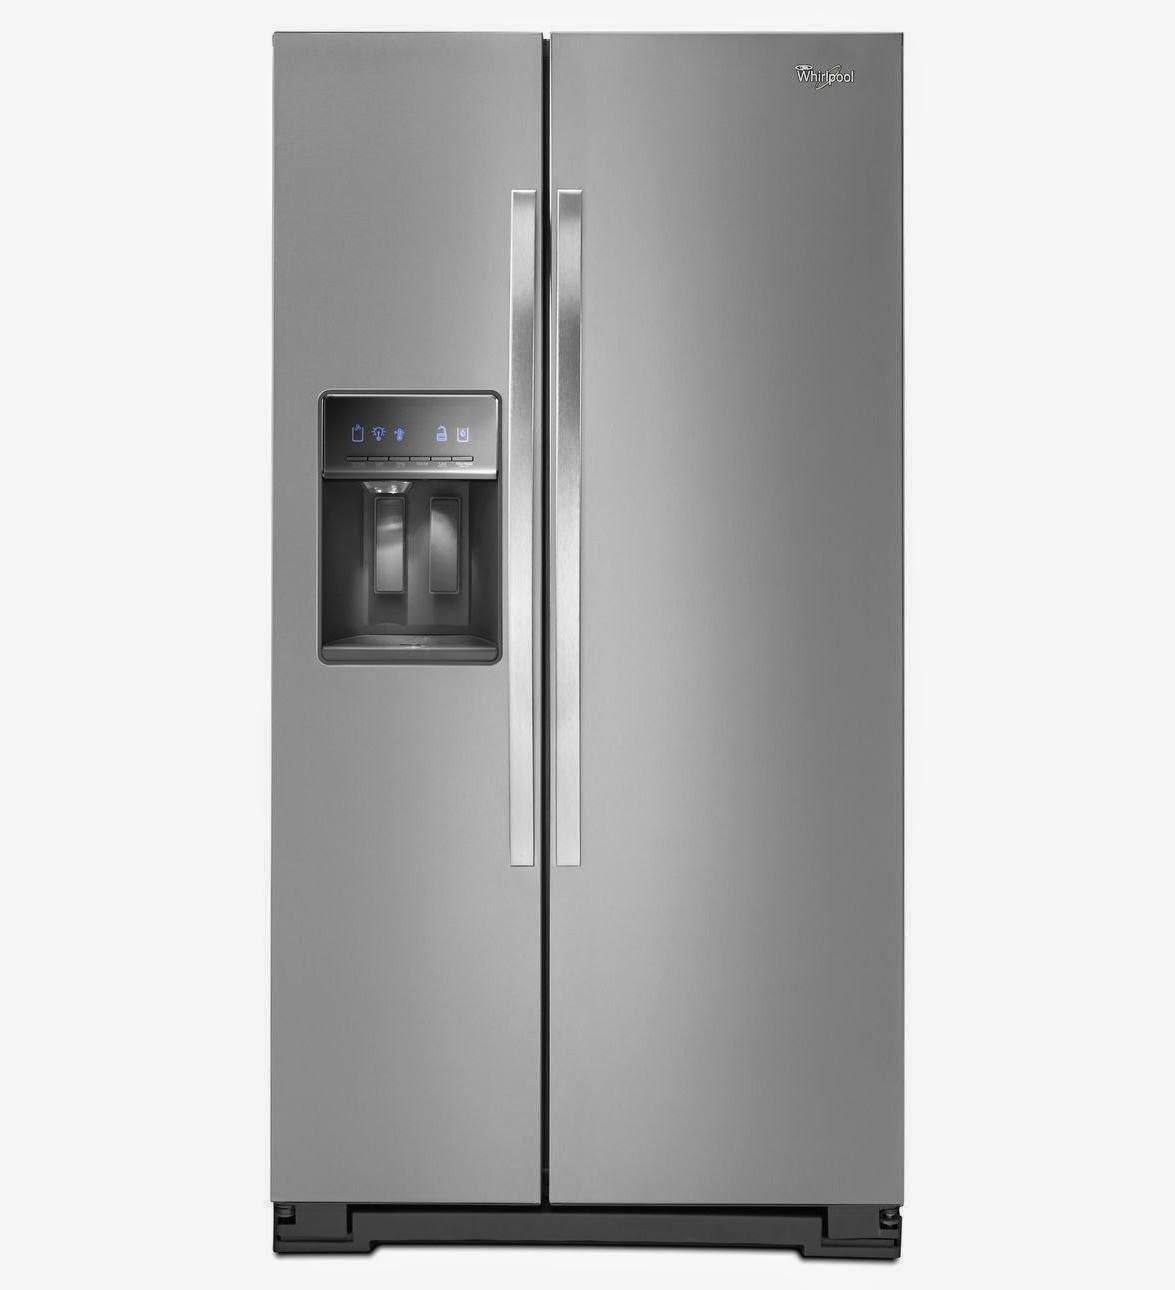 Whirlpool Refrigerators Whirlpool Counter Depth Refrigerators